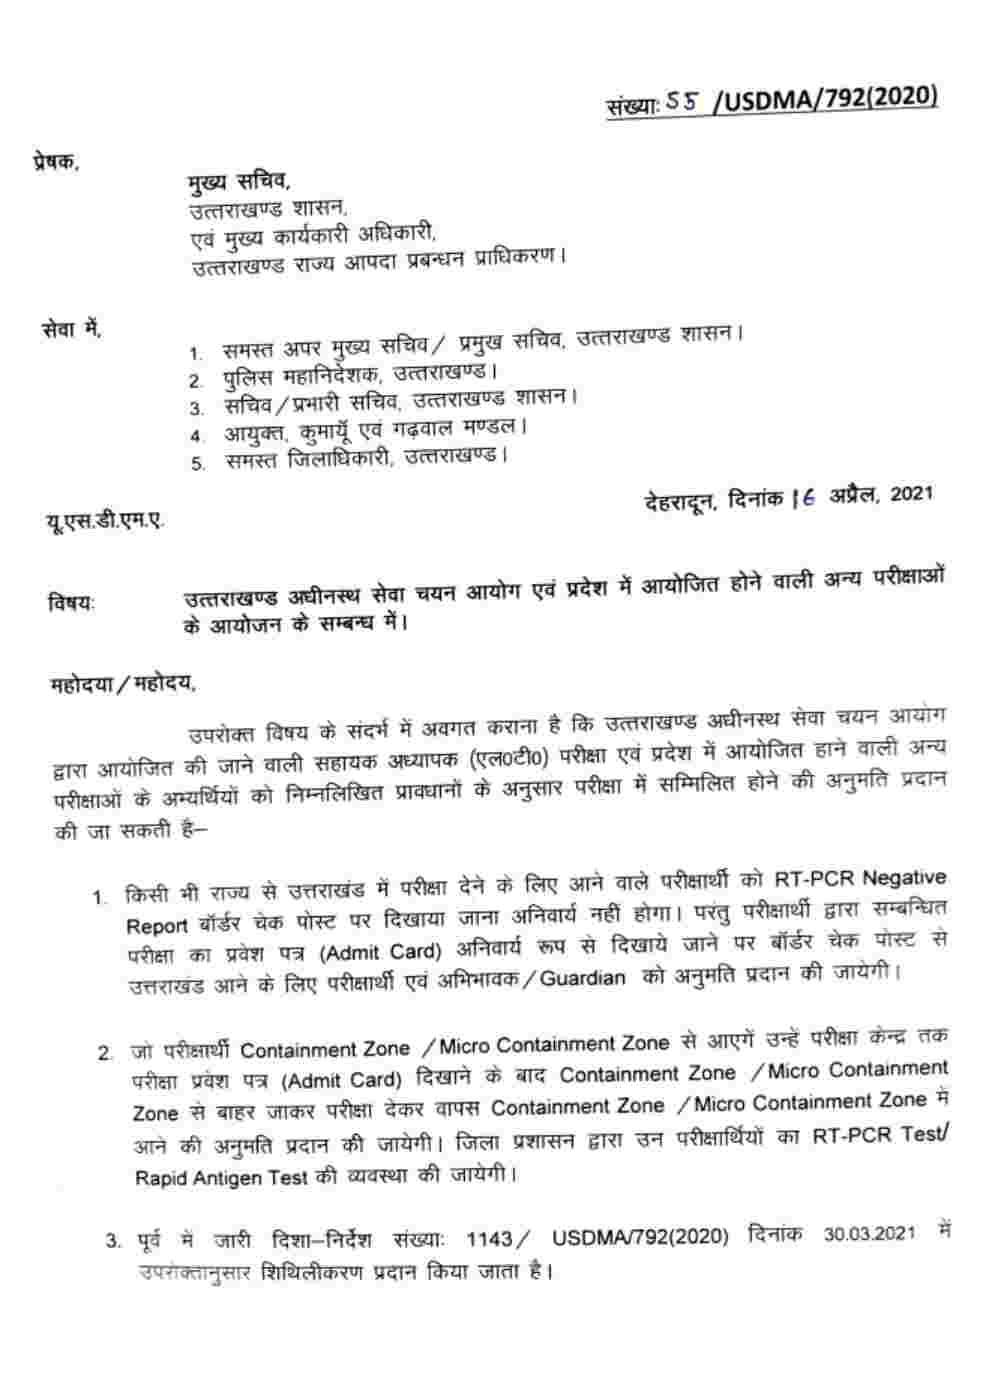 एलटी भर्ती परीक्षा एवं प्रदेश में होने वाली अन्य परीक्षाओं को लेकर मुख्य सचिव ओमप्रकाश ने किए आदेश जारी, जाने क्या है आदेश 2